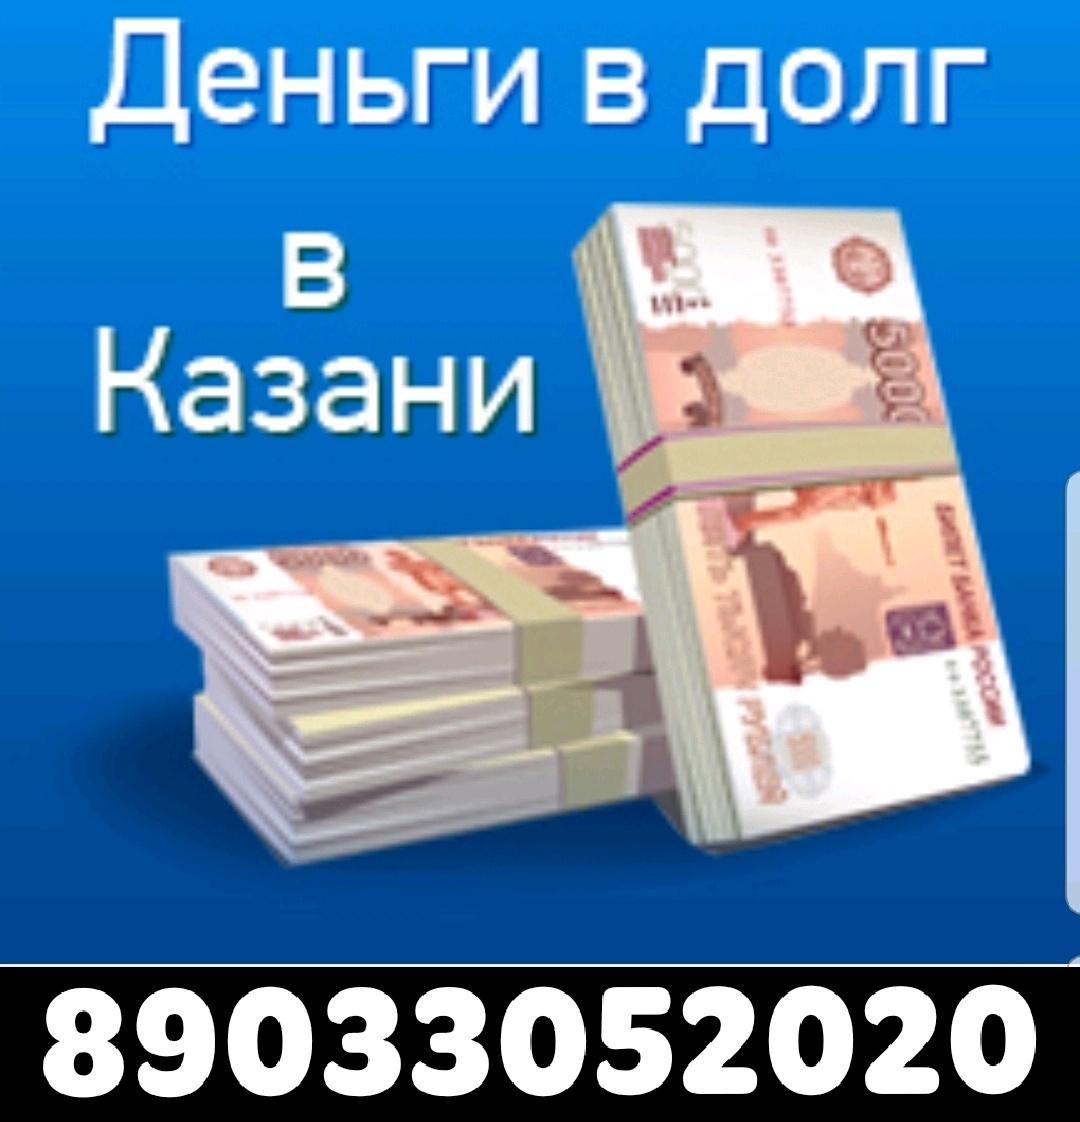 займу срочно деньги у частного лица 24